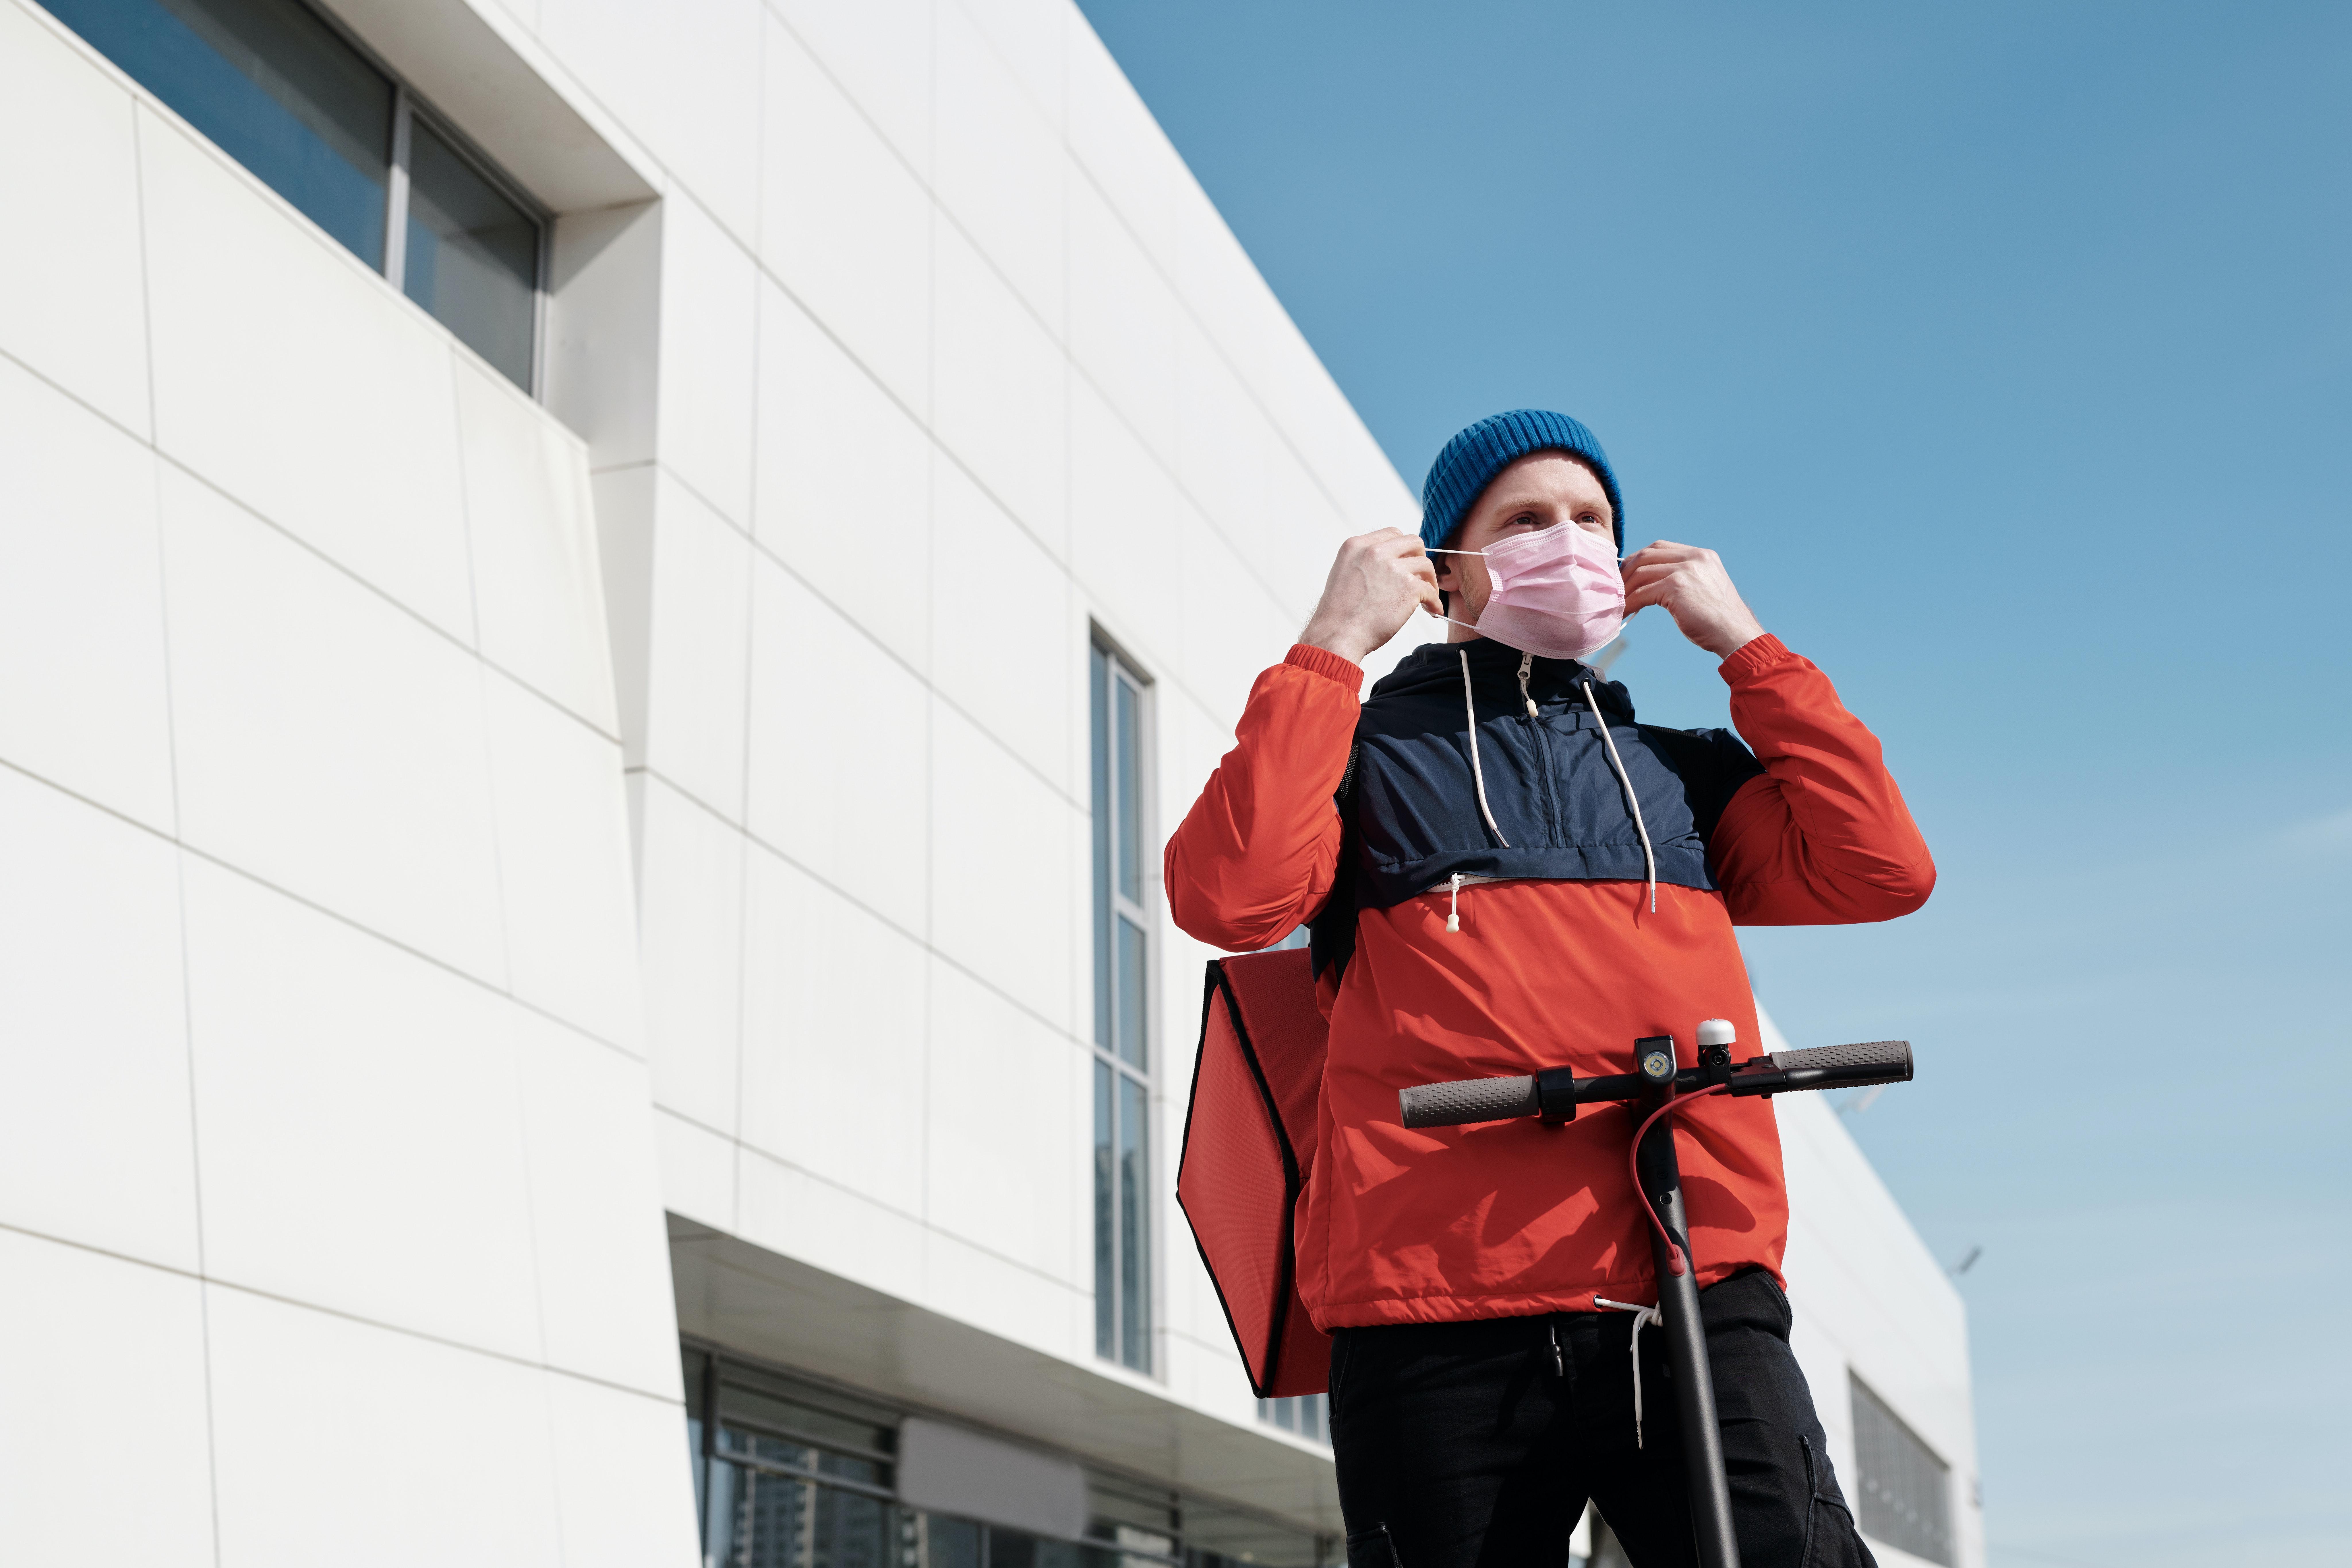 Uso obrigatório de máscaras na rua